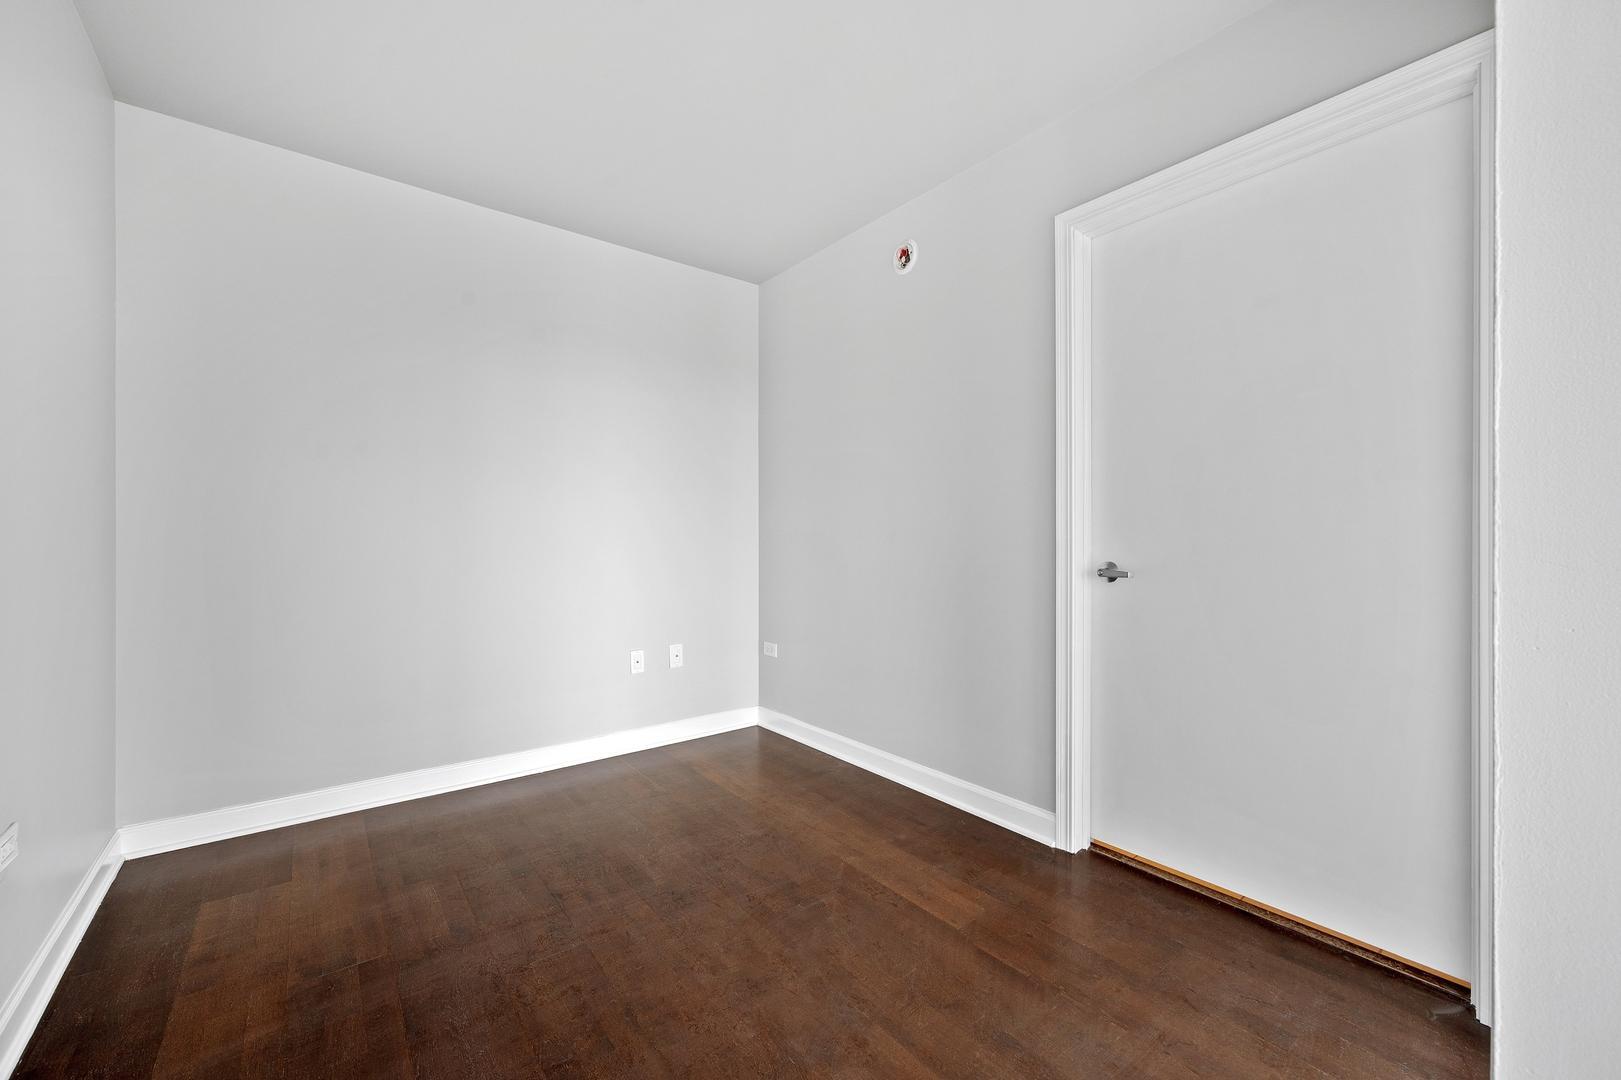 845 N Kingsbury  Street, Unit 409 photo